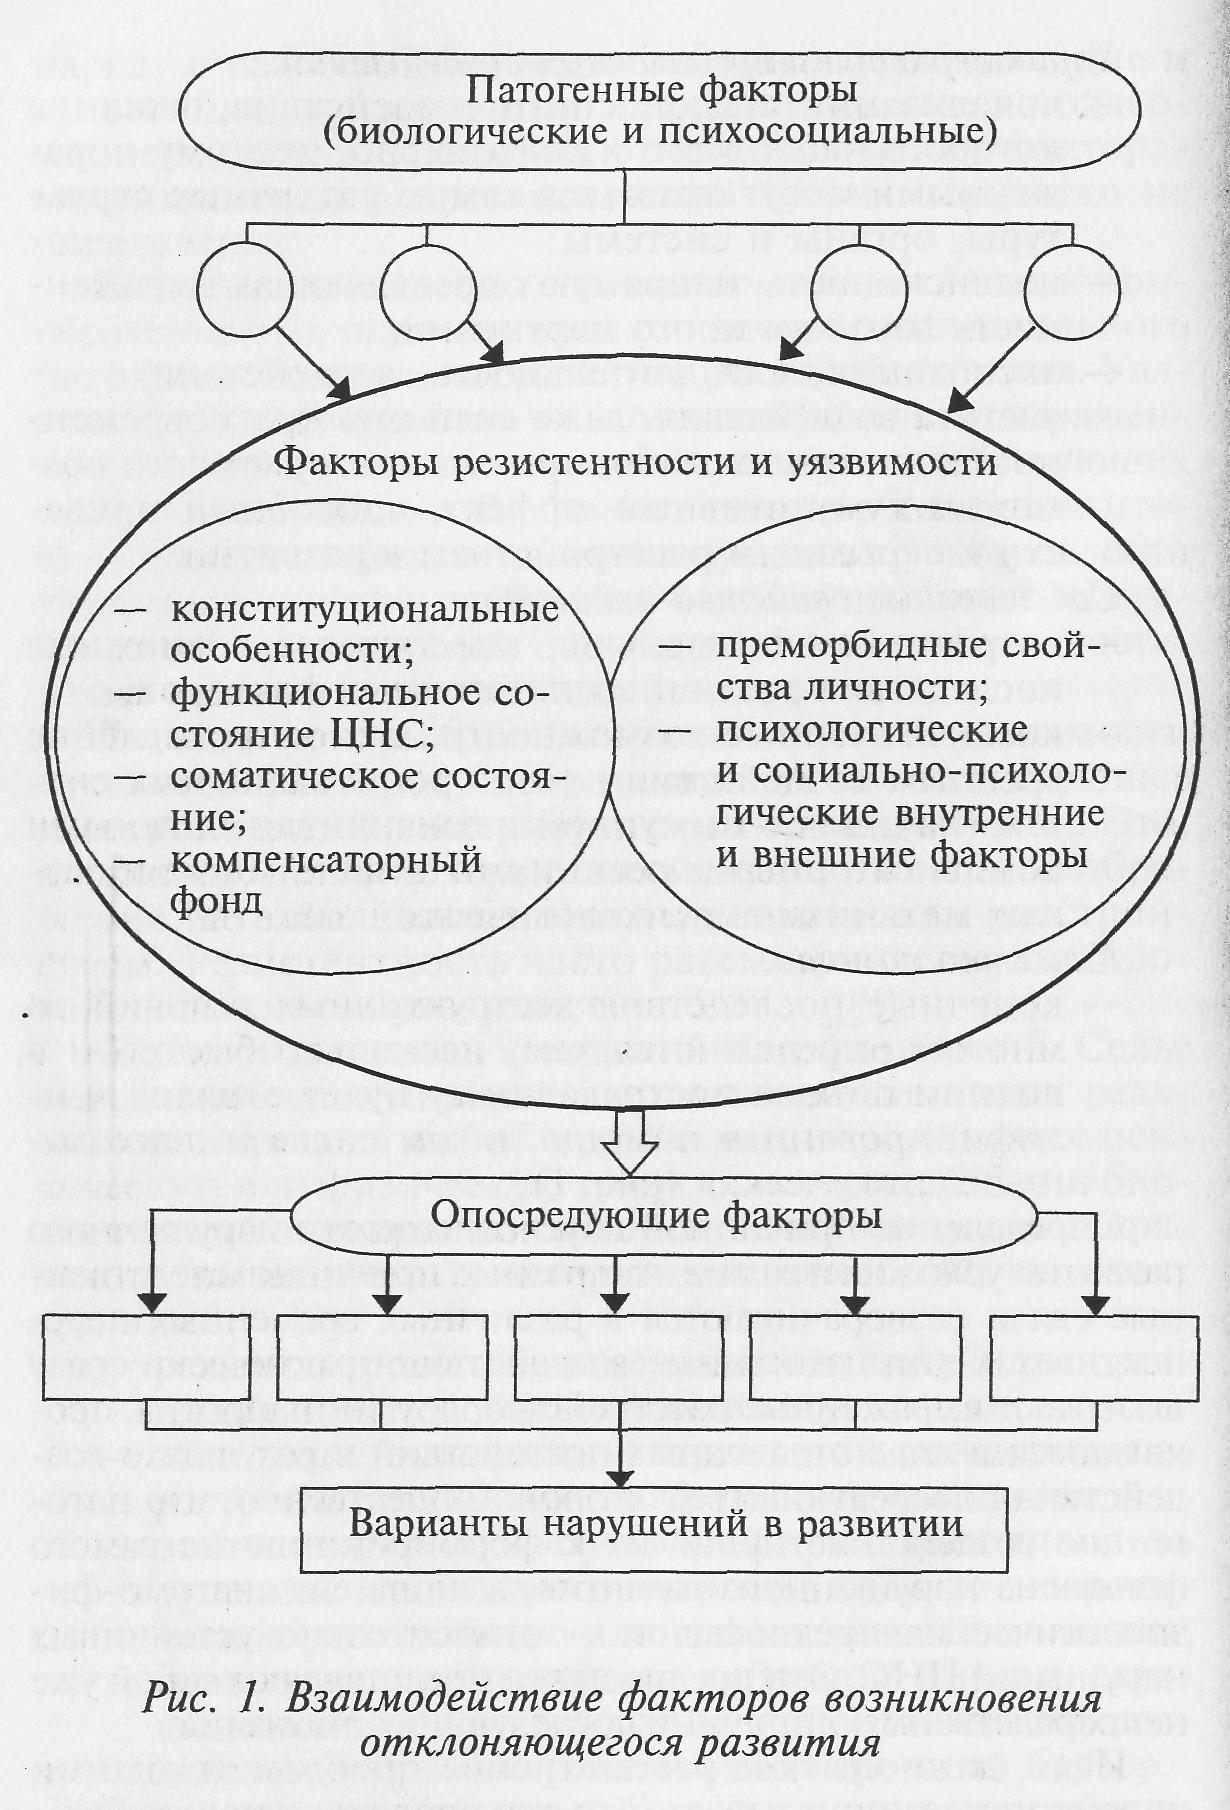 Учитель-дефектолог: особенности, плюсы и минусы, необходимые знания